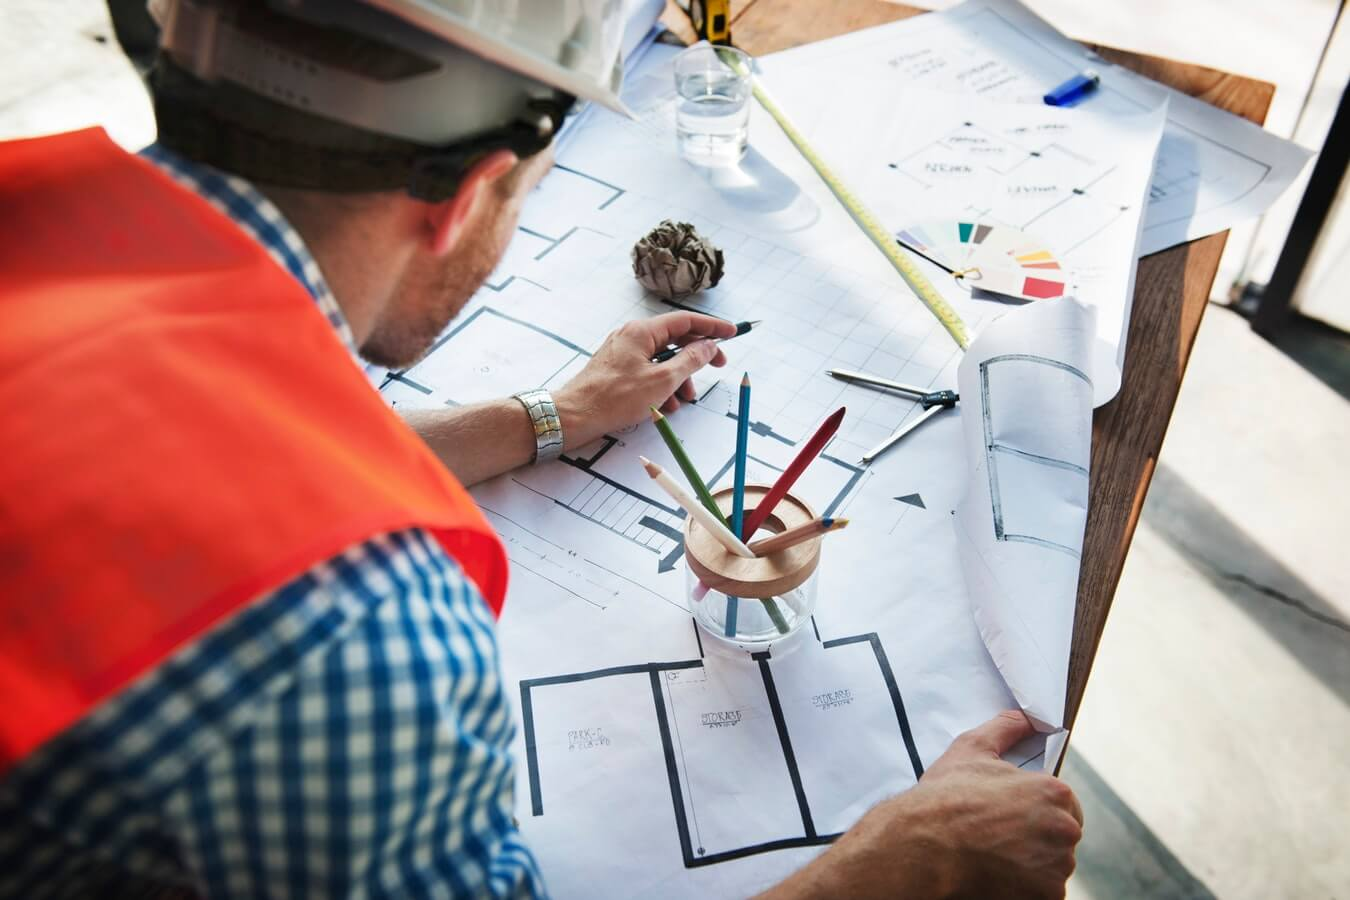 مسئولیت مدنی و کیفری مهندسان:مسئولیت بدون تقصیر